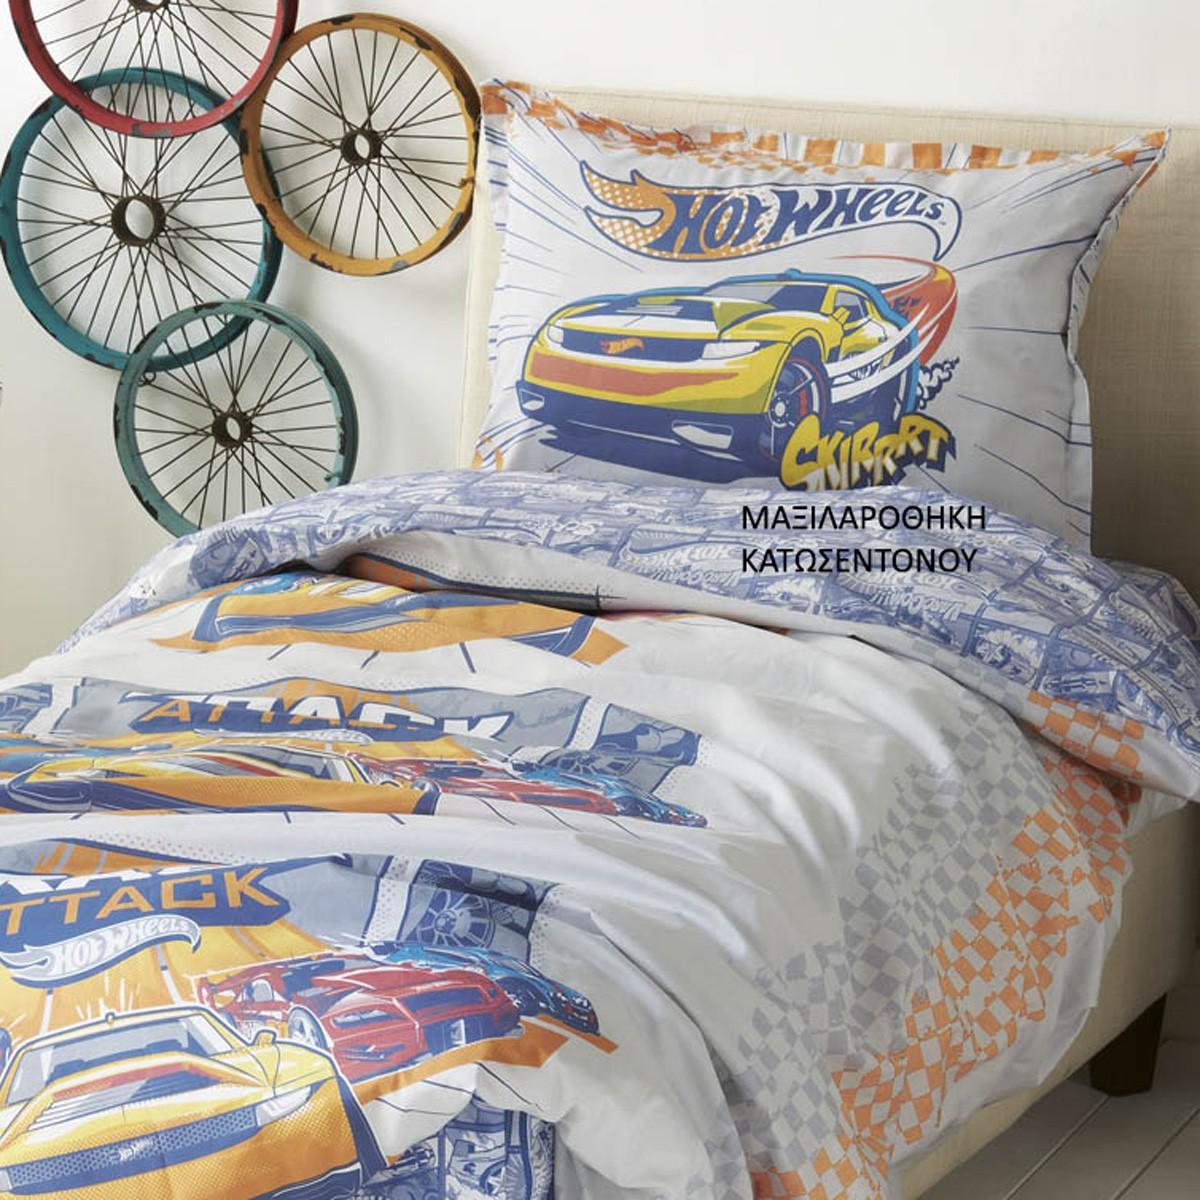 Μαξιλαροθήκη Κατωσέντονου Kentia Kids Hot Wheels 513